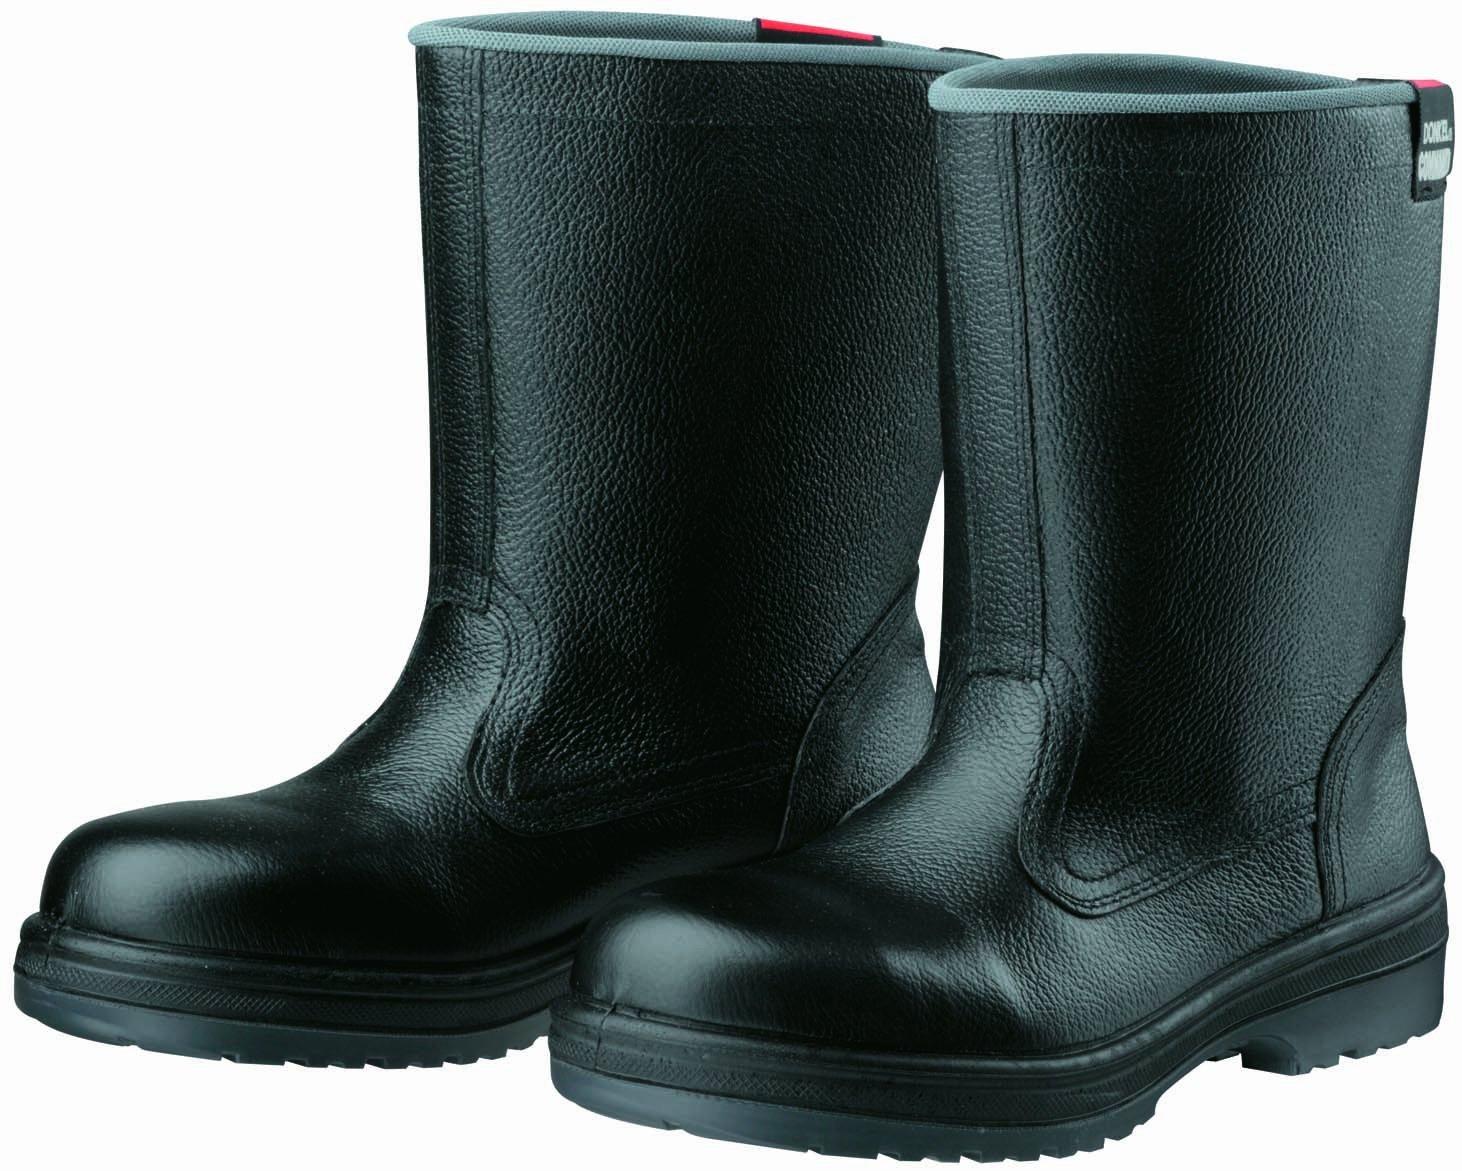 [ドンケル] 安全靴 半長靴 ラバー2層底 耐滑 耐延焼 JIS T8101革製S種EF合格 R2-06  R2-06 B00CW6QROI 27.0 cm|ブラック